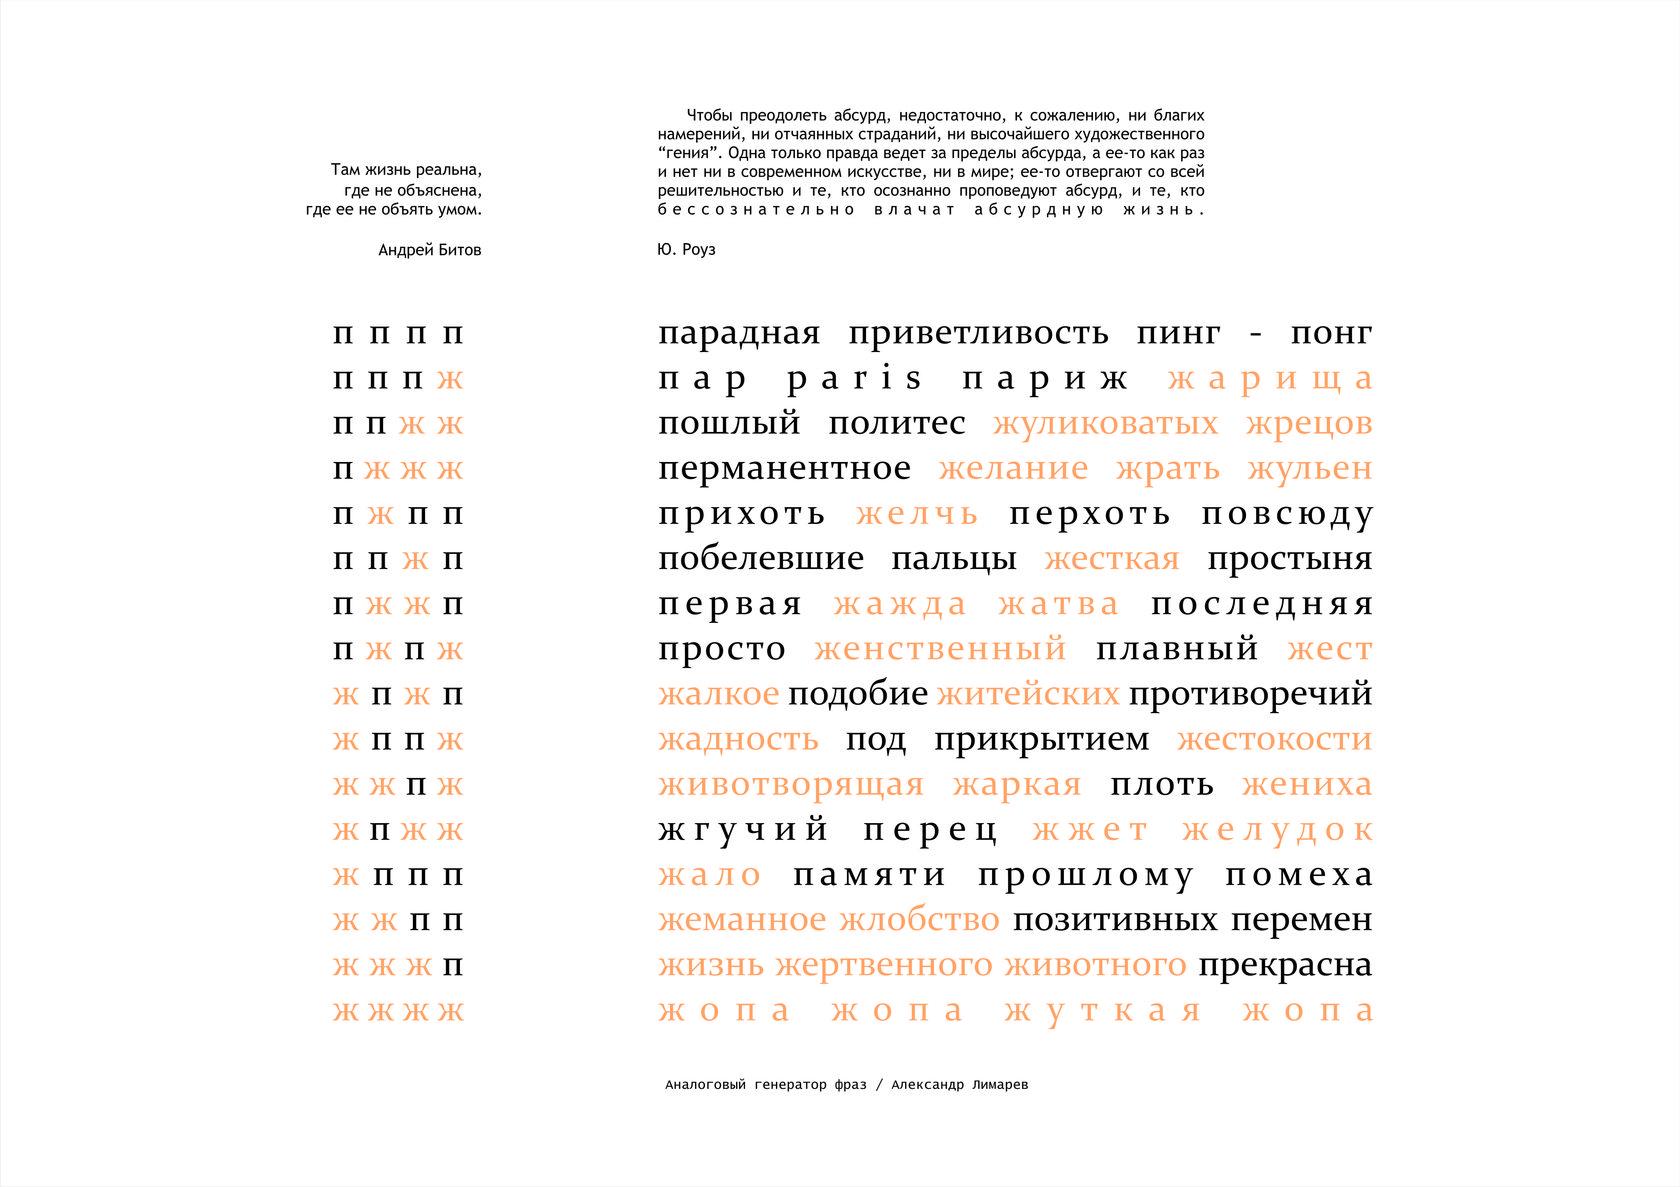 Александр Лимарев, «Аналоговый генератор фраз», выставка «Малые мании», 2 июля 2018, балкон культурного центра «Иниго», Н